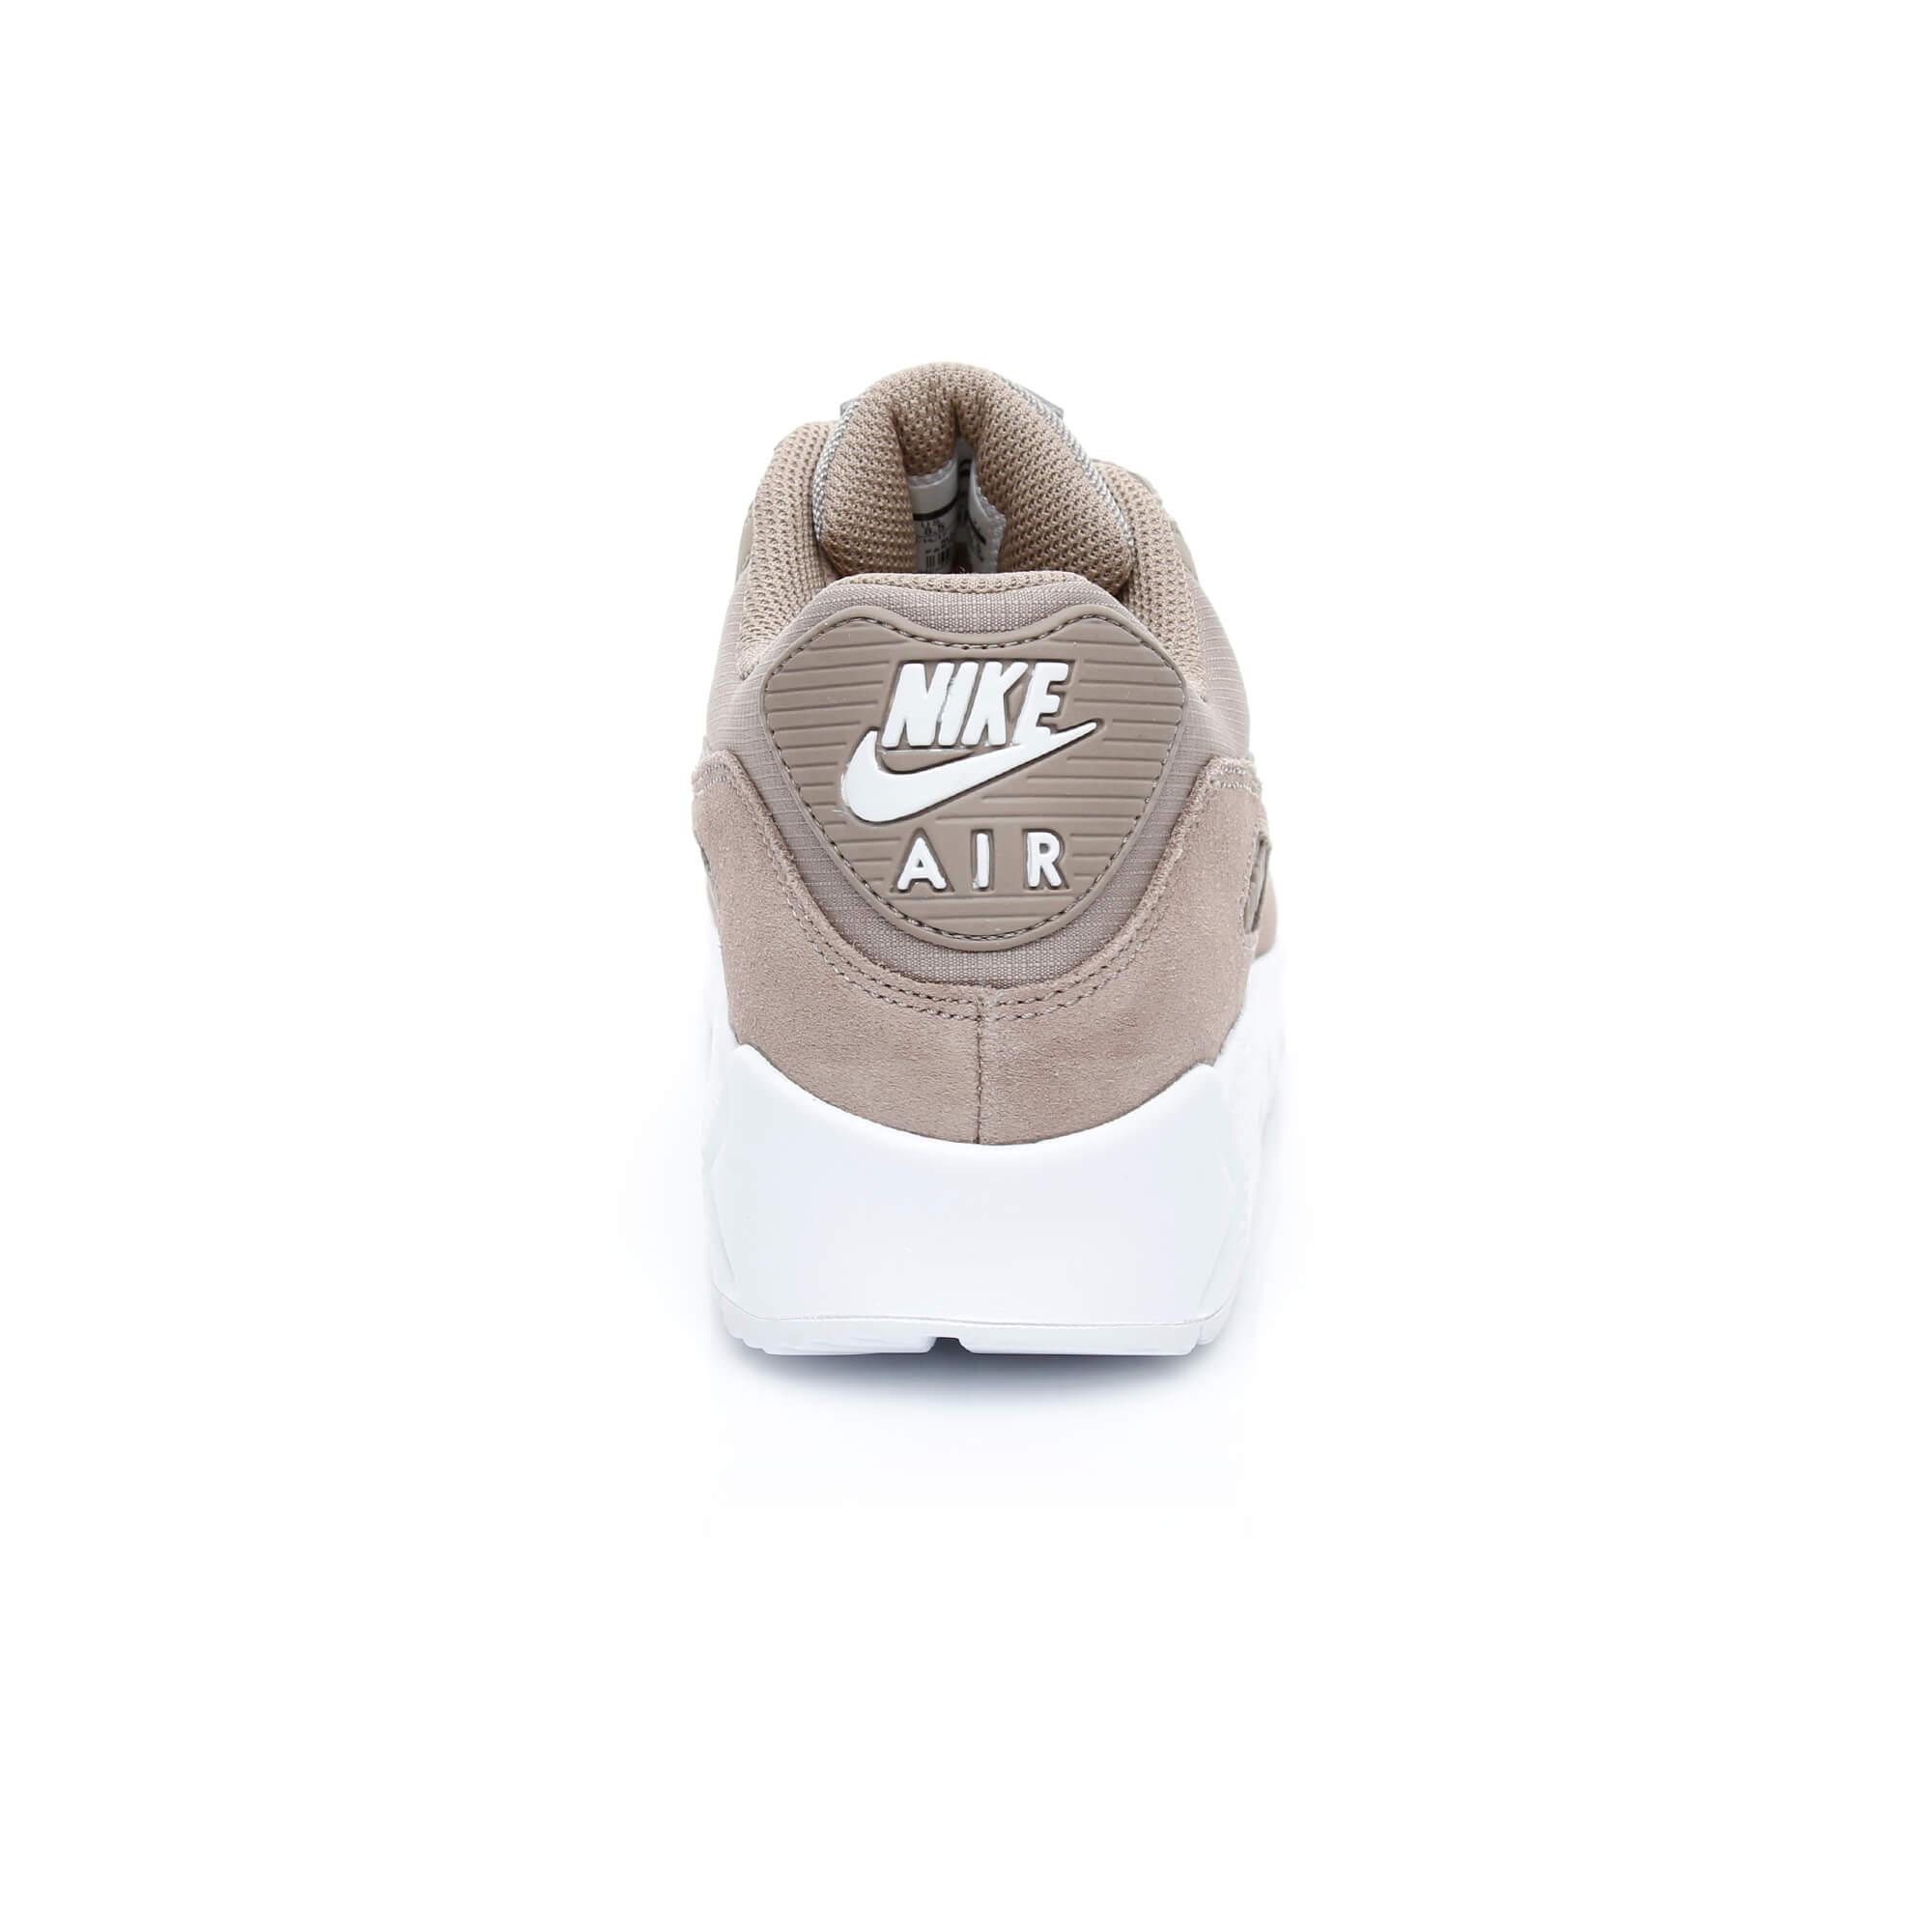 Nike Air Max 90 Essential Erkek Bej Spor Ayakkabı